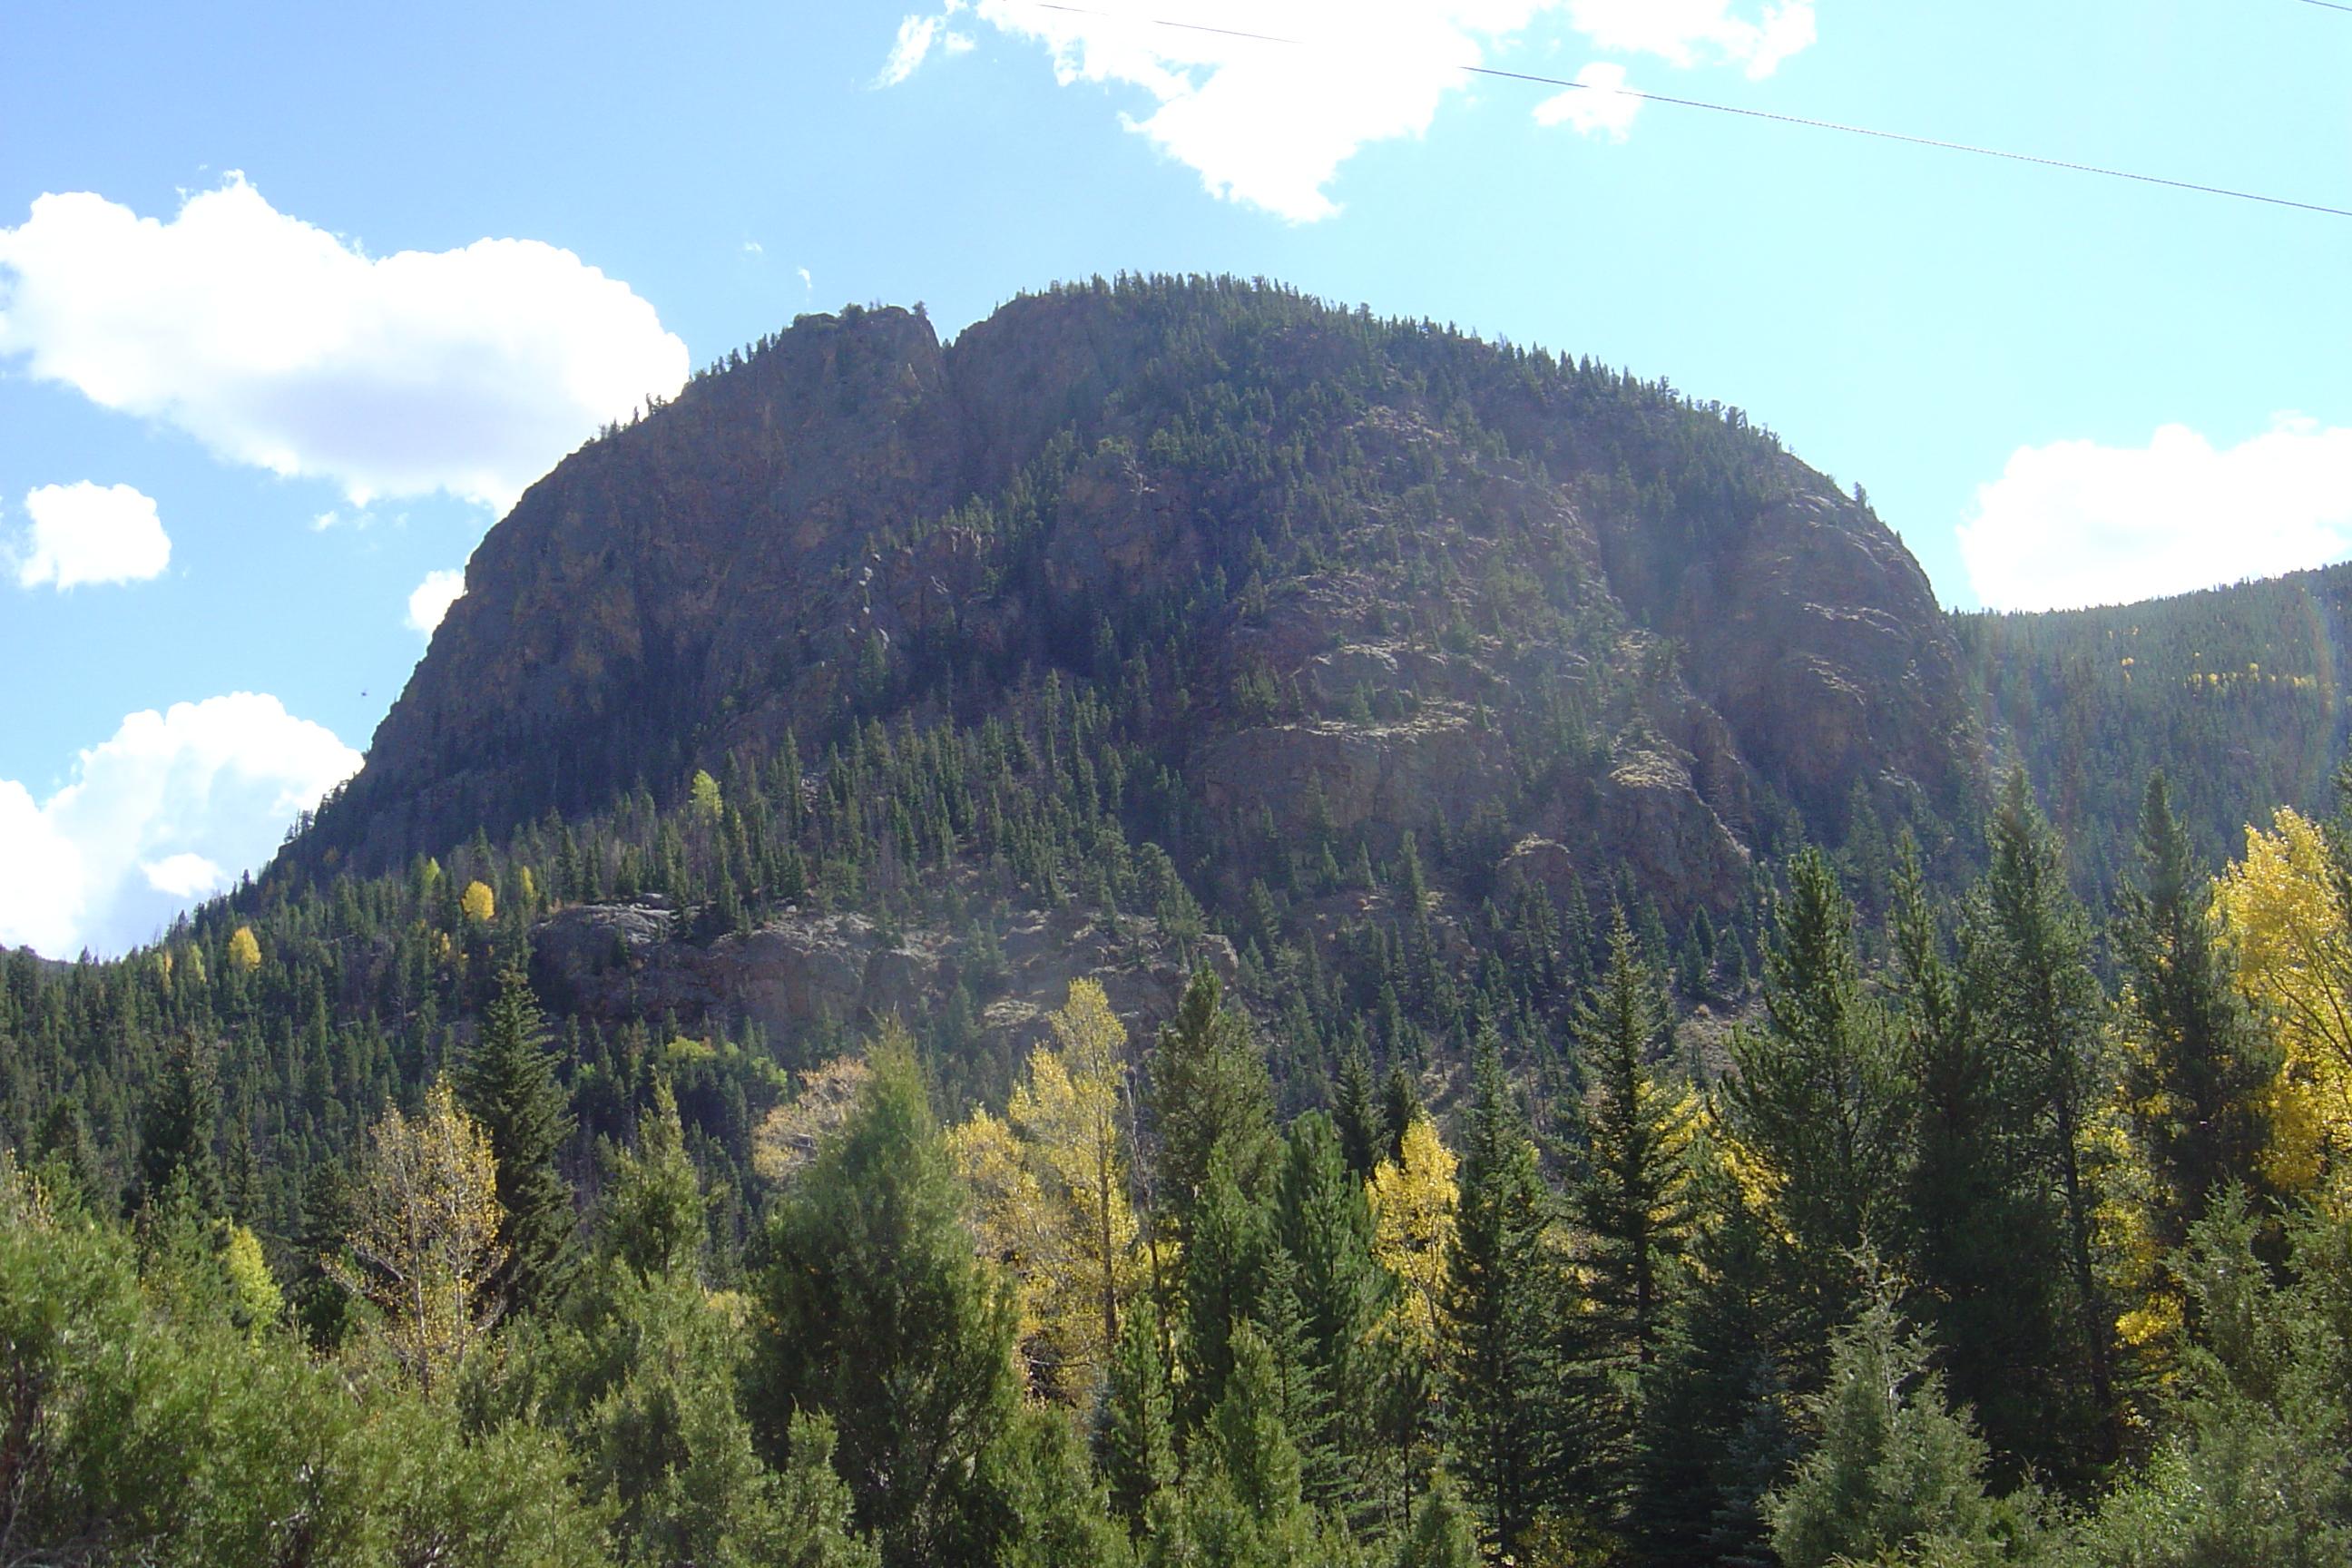 Sleeping Elephant Mountain